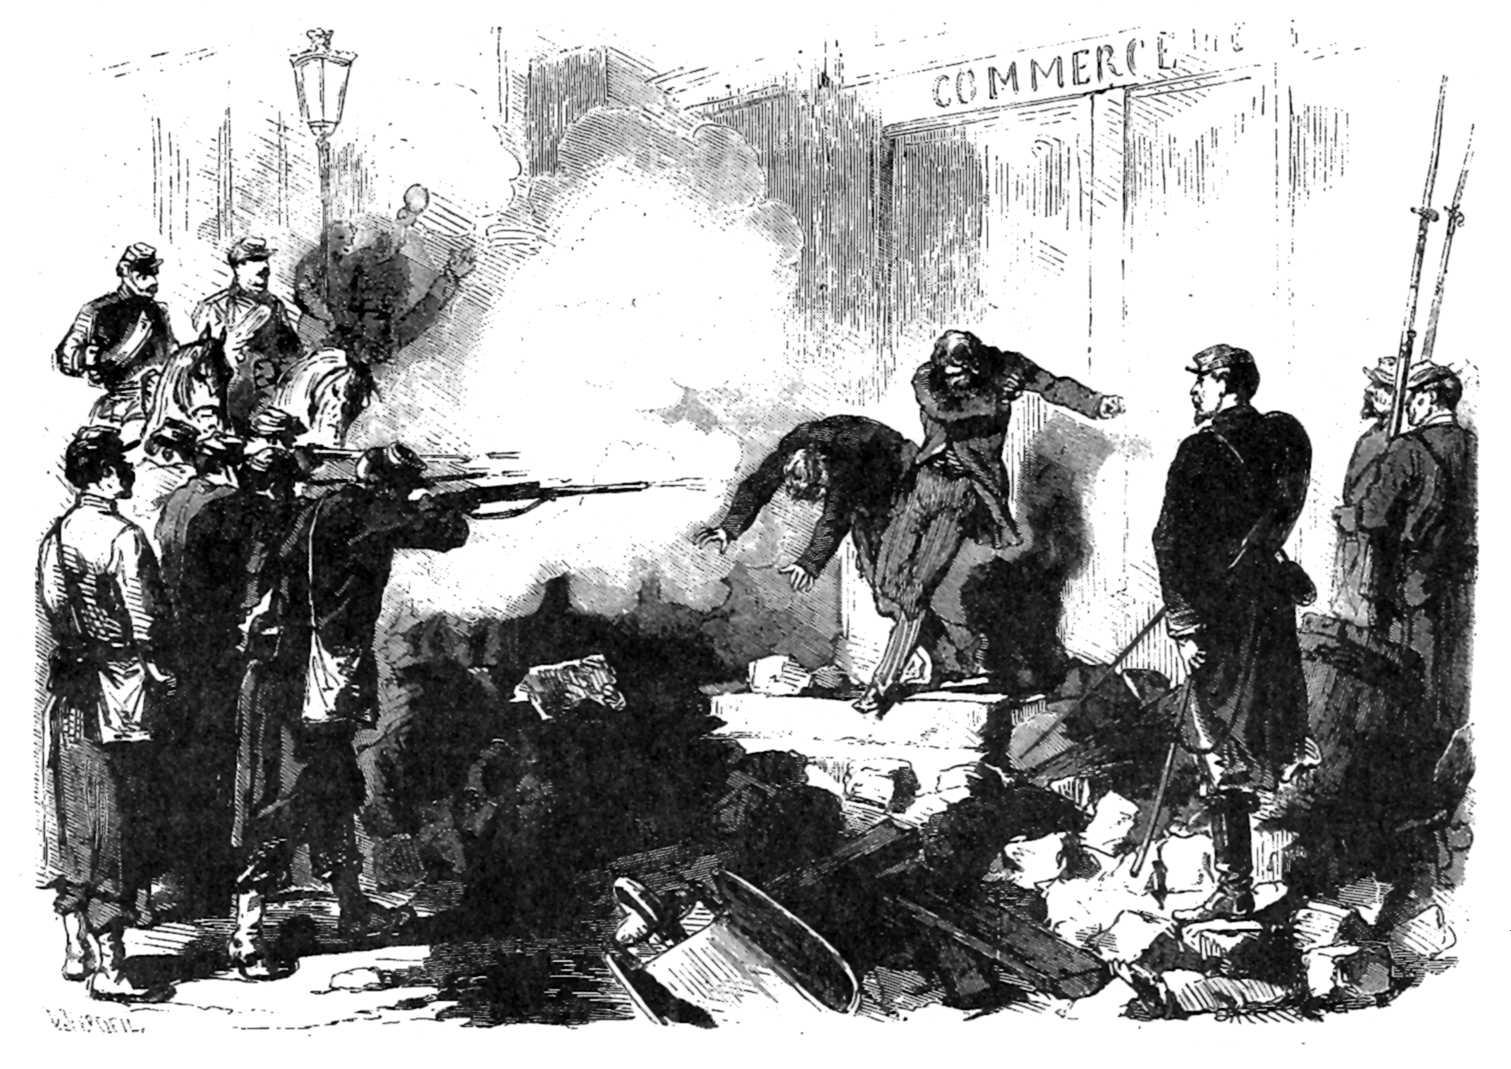 """Execució sumària, el 25 de maig a les 18.30 hores, de """"communards"""" agafats armats al carrer Saint-Germain-l'Auxerrois"""